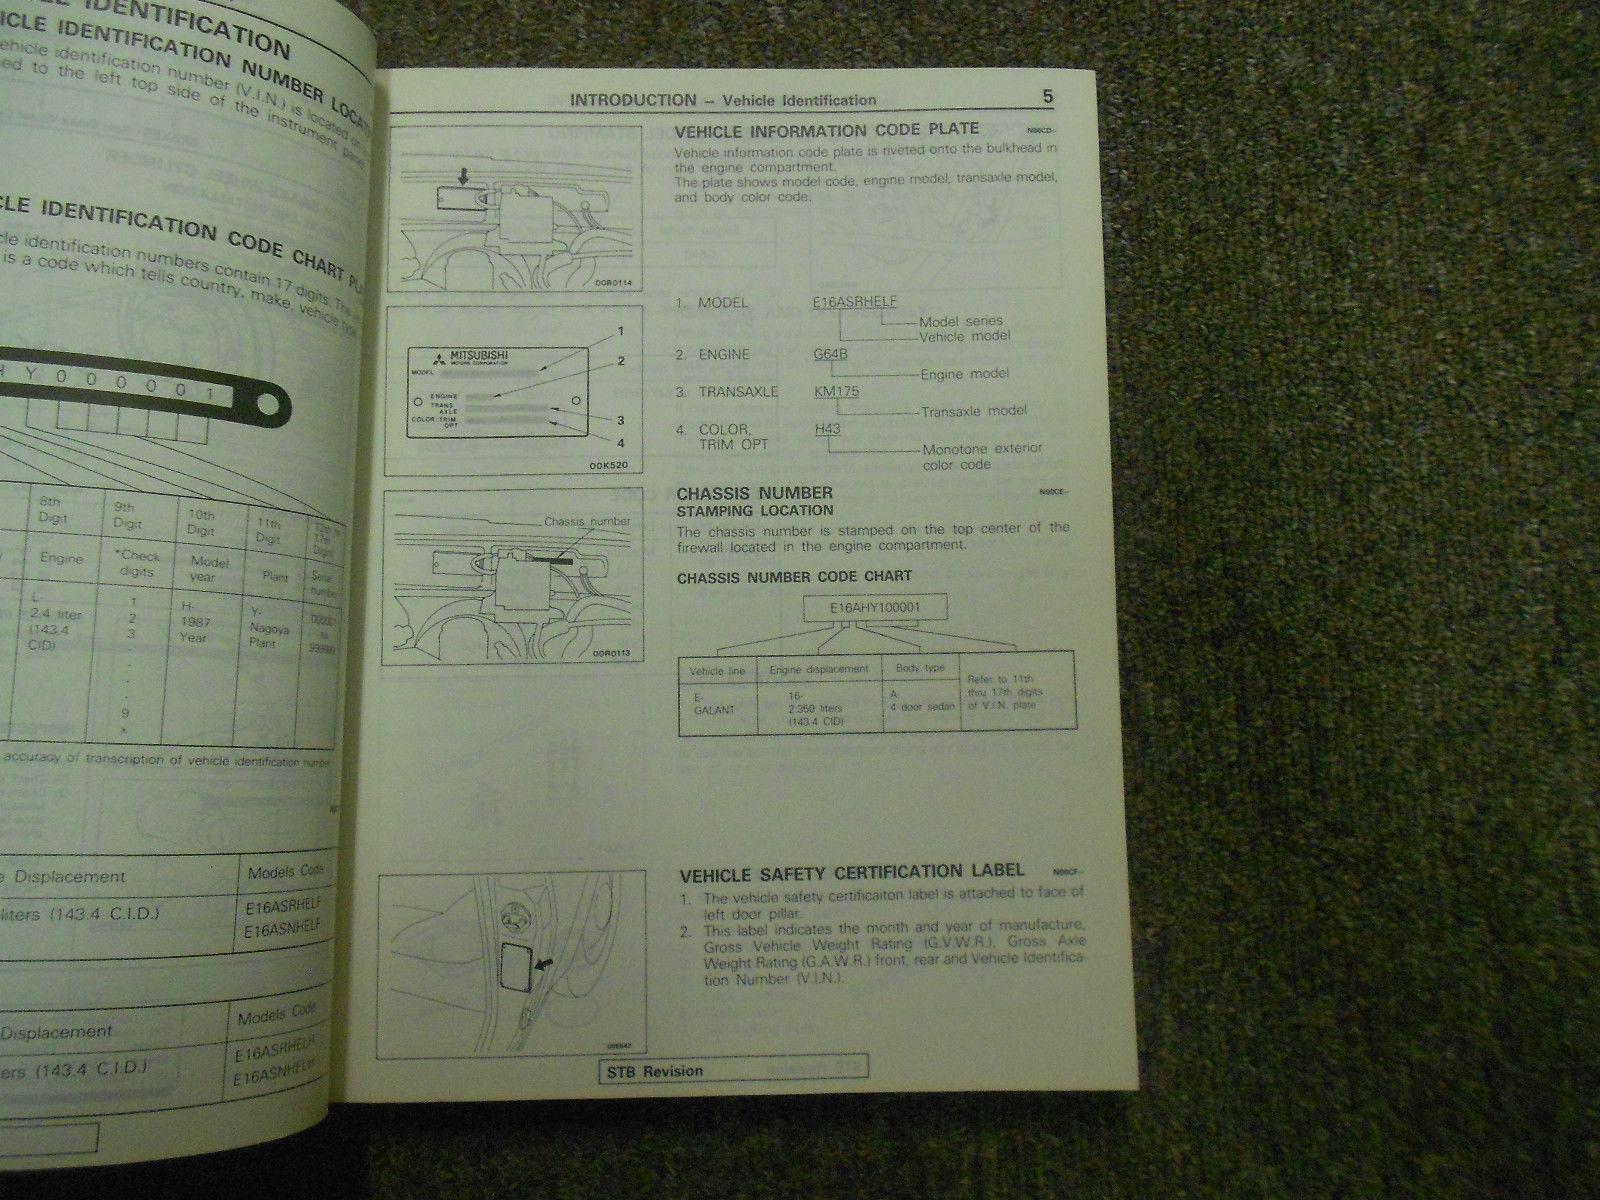 1987 mitsubishi galant service repair shop and 50 similar items rh bonanza com Mitsubishi Galant Manual Transmission Interior 2011 Mitsubishi Galant Service Manual